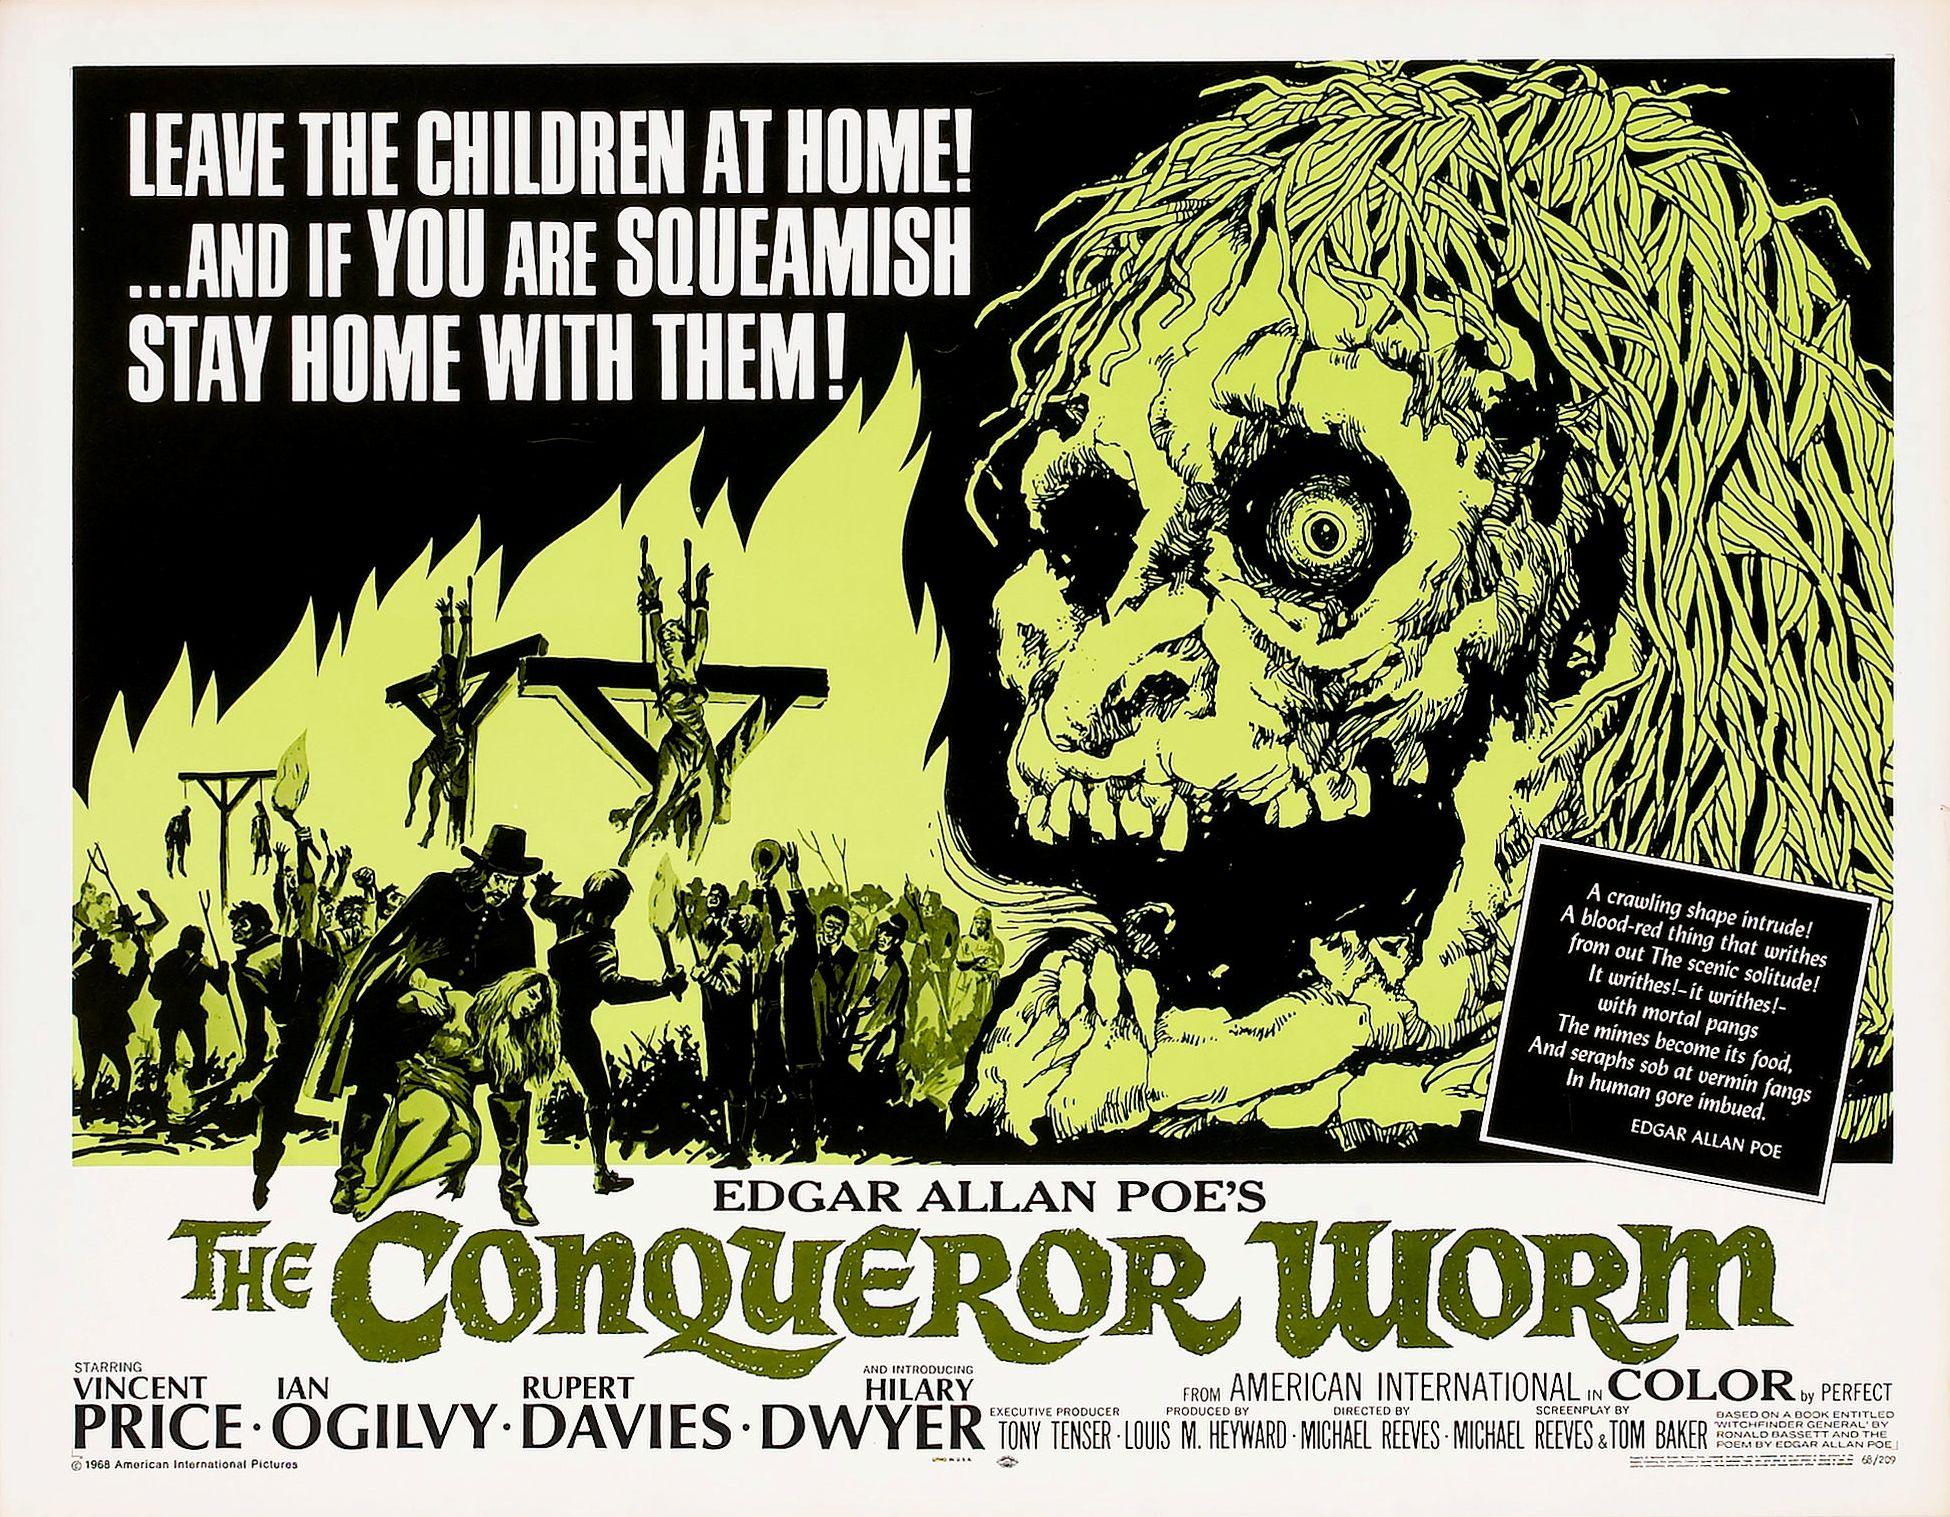 HMM conqueror worm